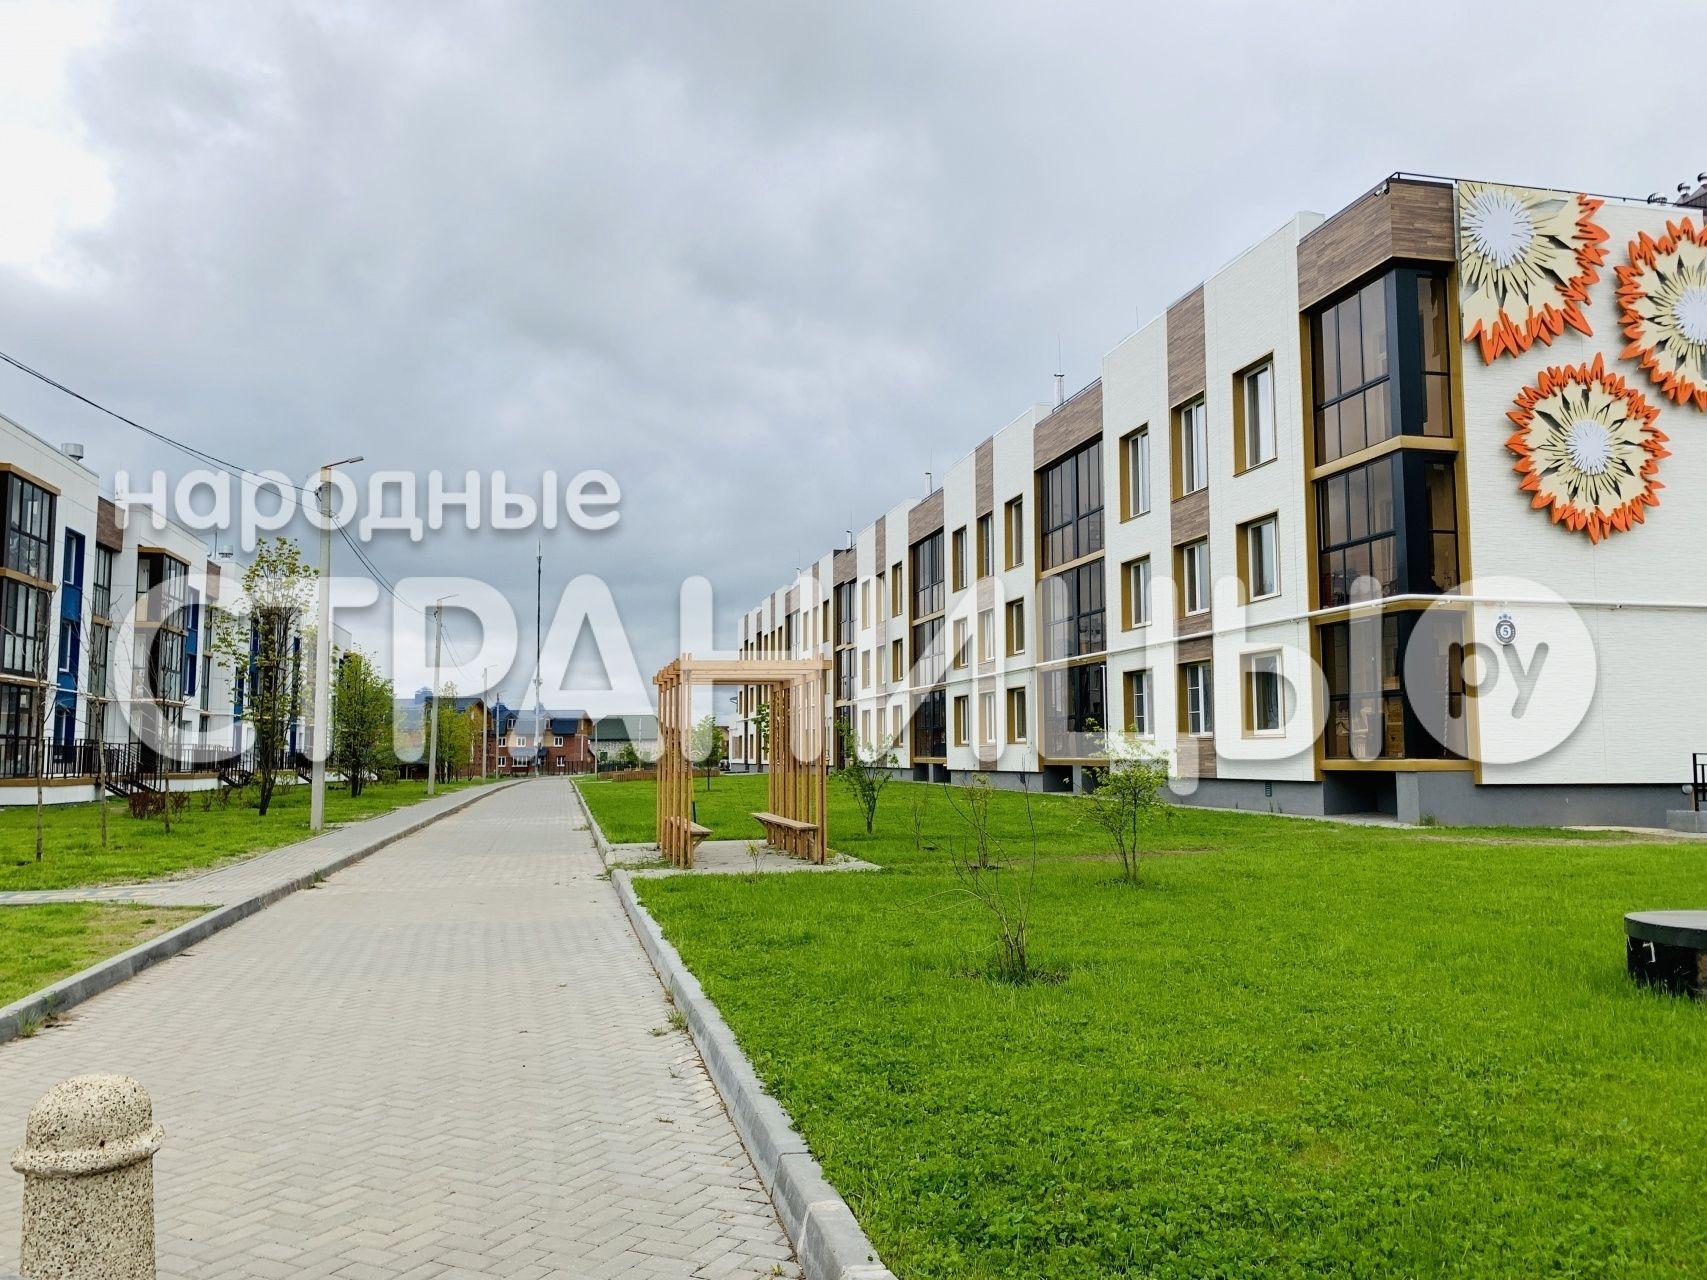 2-комнатная квартира, 52.17 м²,  2/4 эт. Кирпичный дом